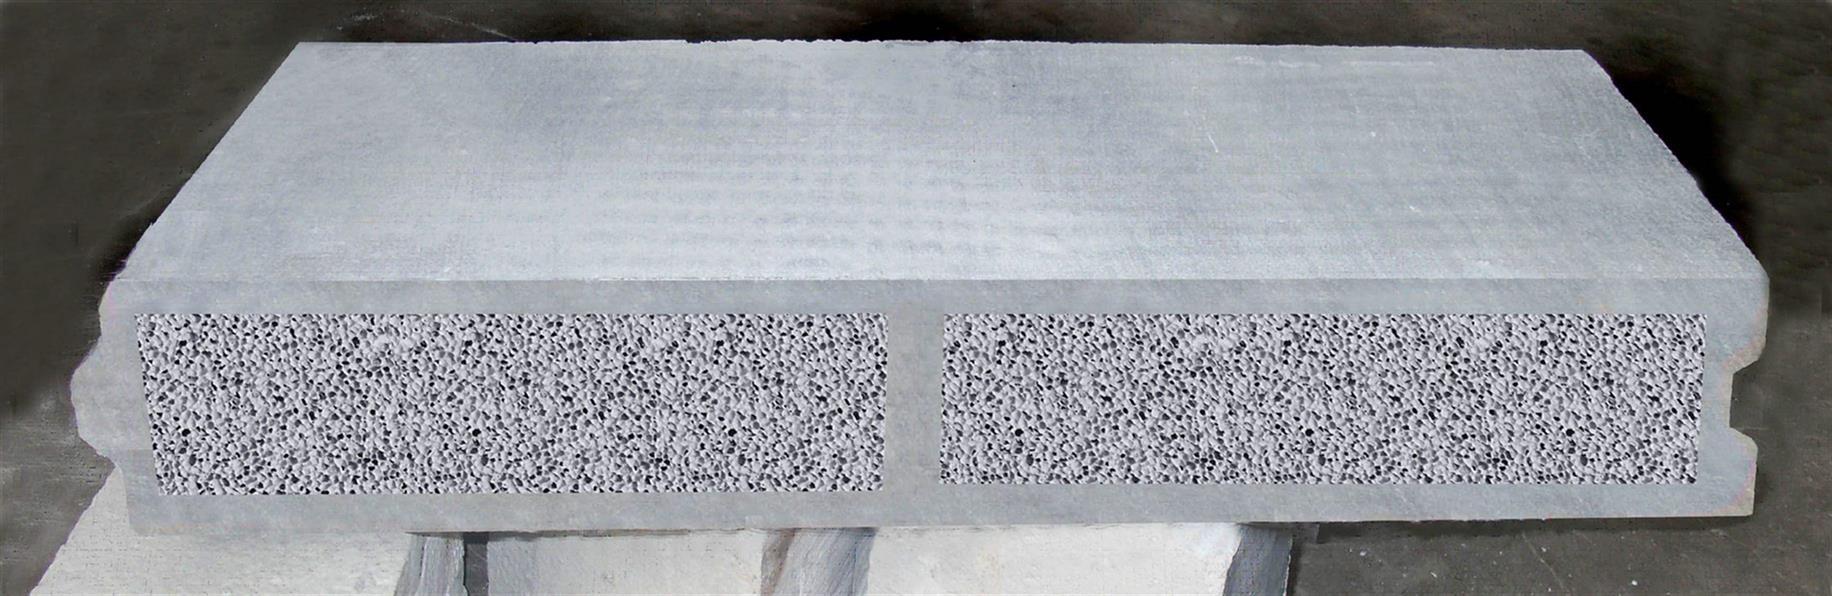 隔热隔墙板定制